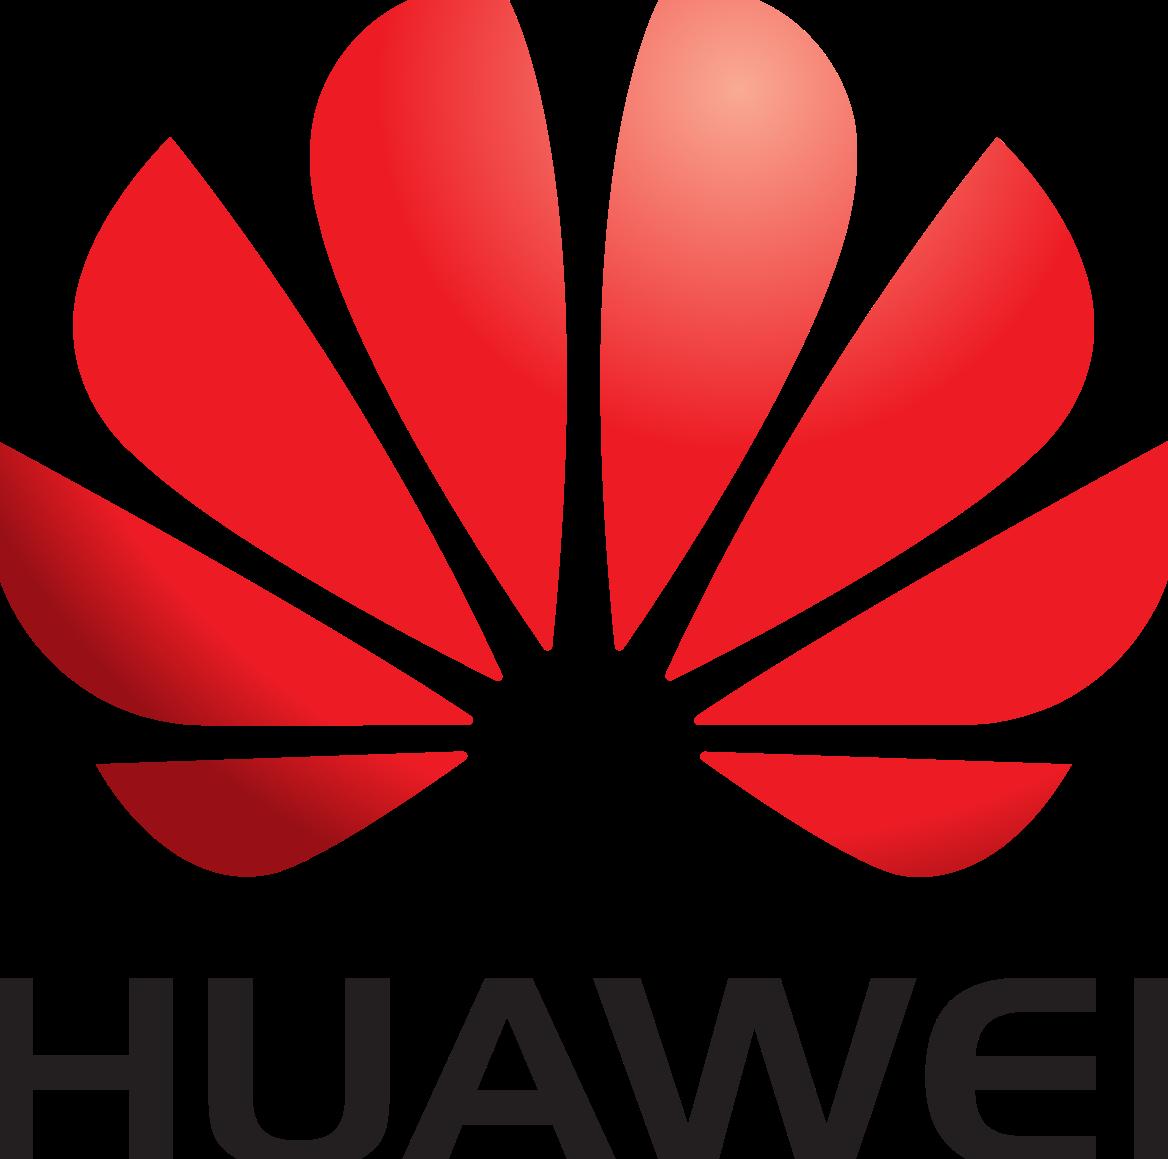 Huawei a Milano apre il primo negozio Fl